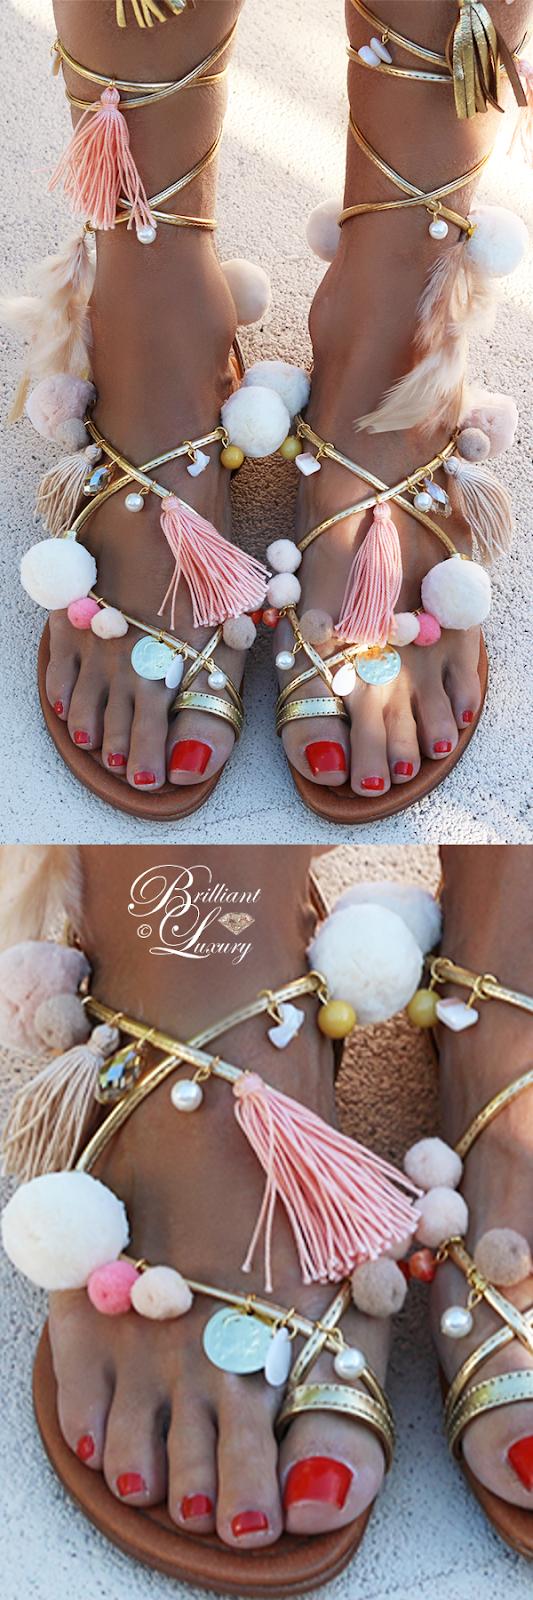 Brilliant Luxury ♦ Alameda Turquesa Aurora sandals